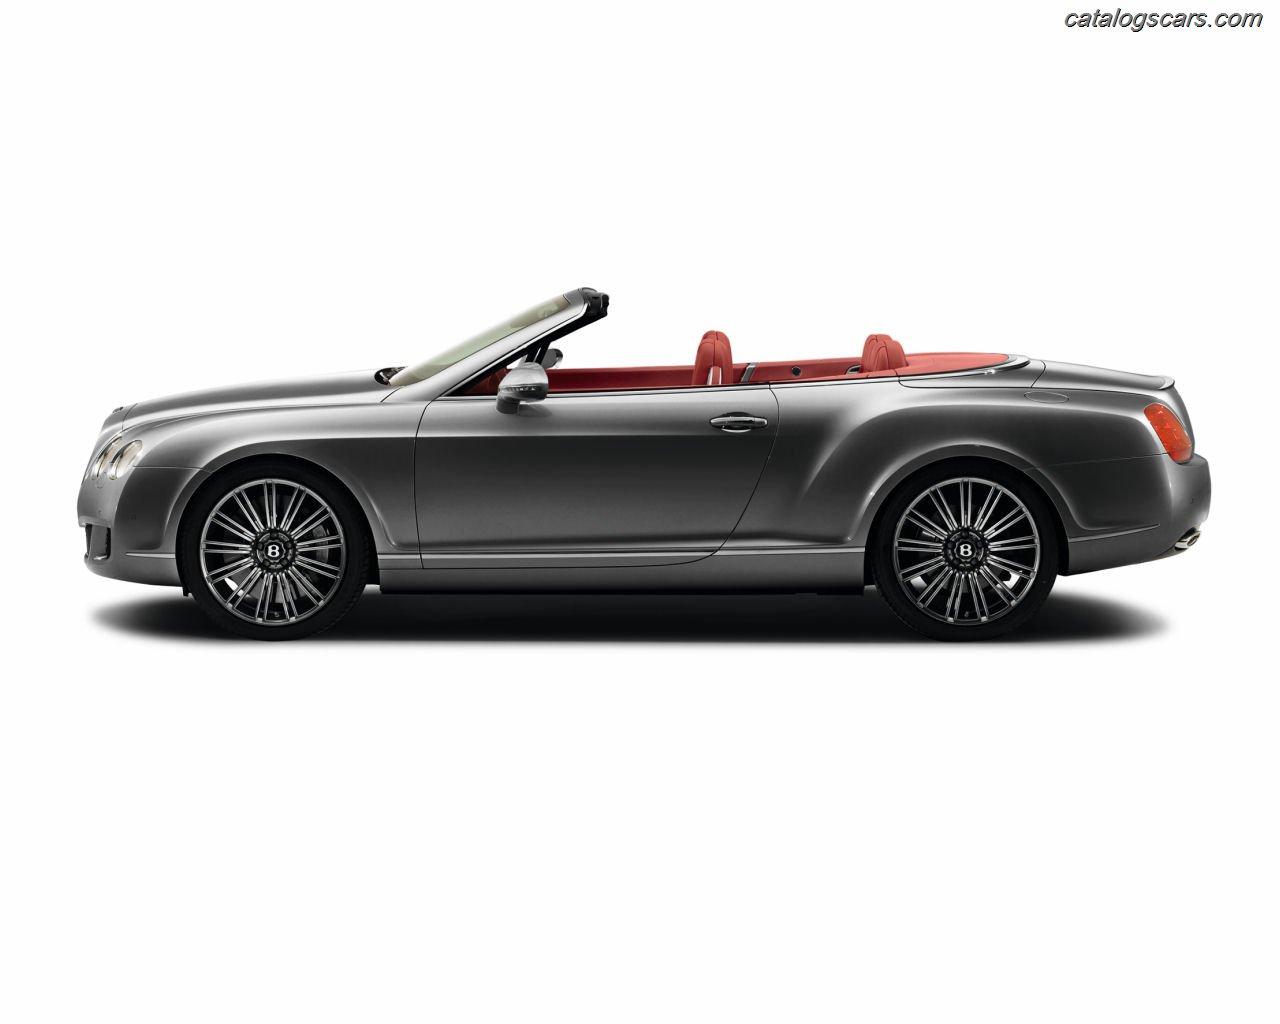 صور سيارة بنتلى كونتيننتال جى تى سى سبيد 2014 - اجمل خلفيات صور عربية بنتلى كونتيننتال جى تى سى سبيد 2014 - Bentley Continental Gtc Speed Photos Bentley-Continental-Gtc-Speed-2011-04.jpg